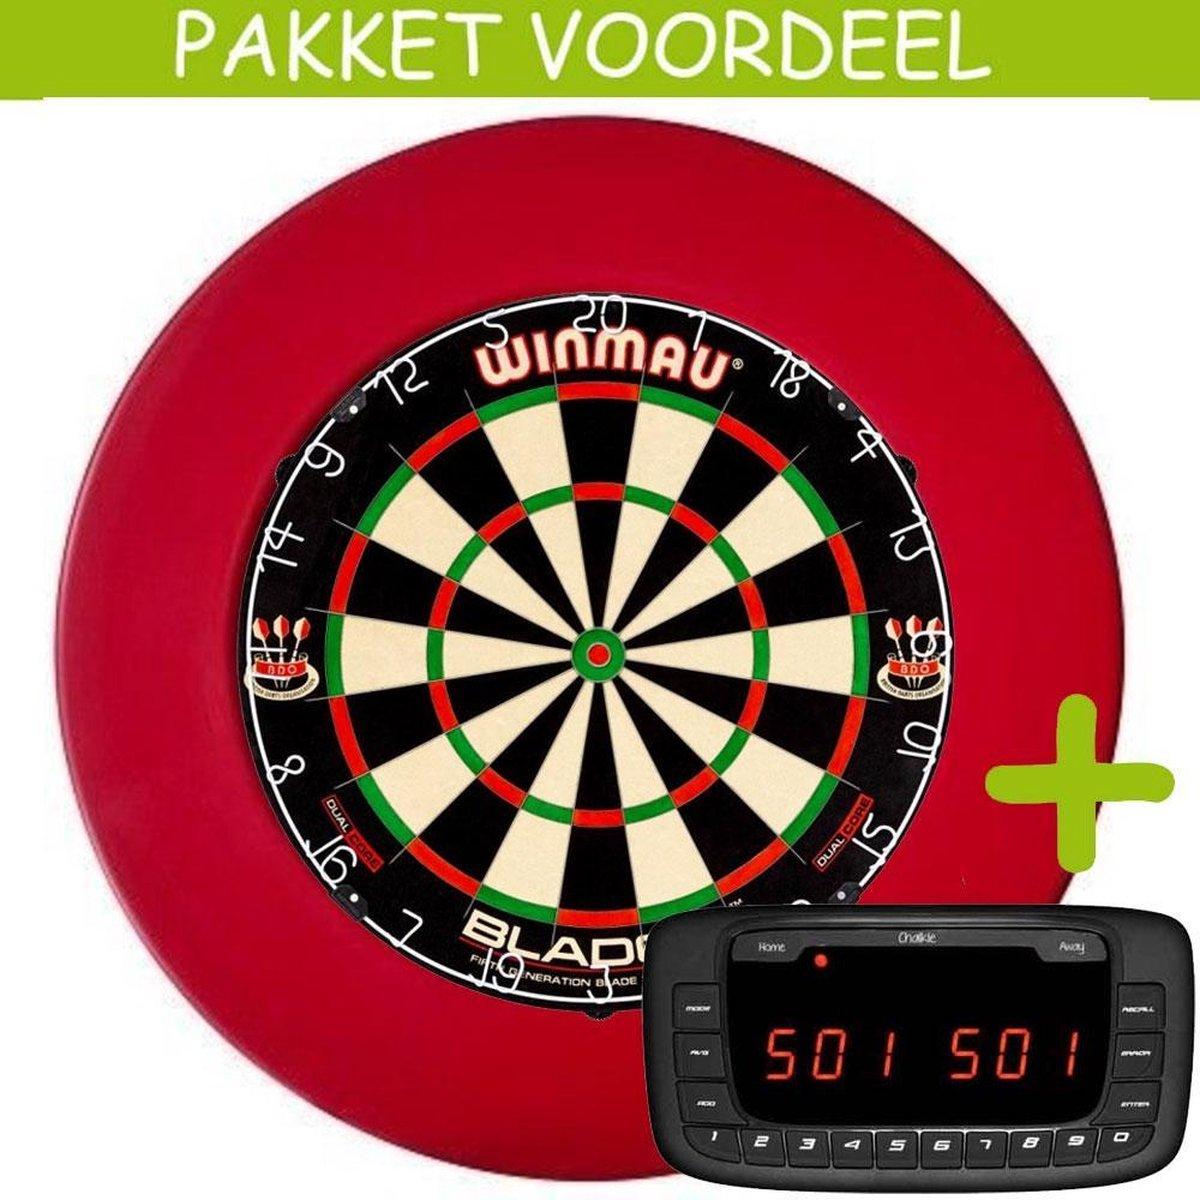 Elektronisch Dart Scorebord VoordeelPakket (Chalkie ) - Dual Core - Rubberen Surround (Rood)